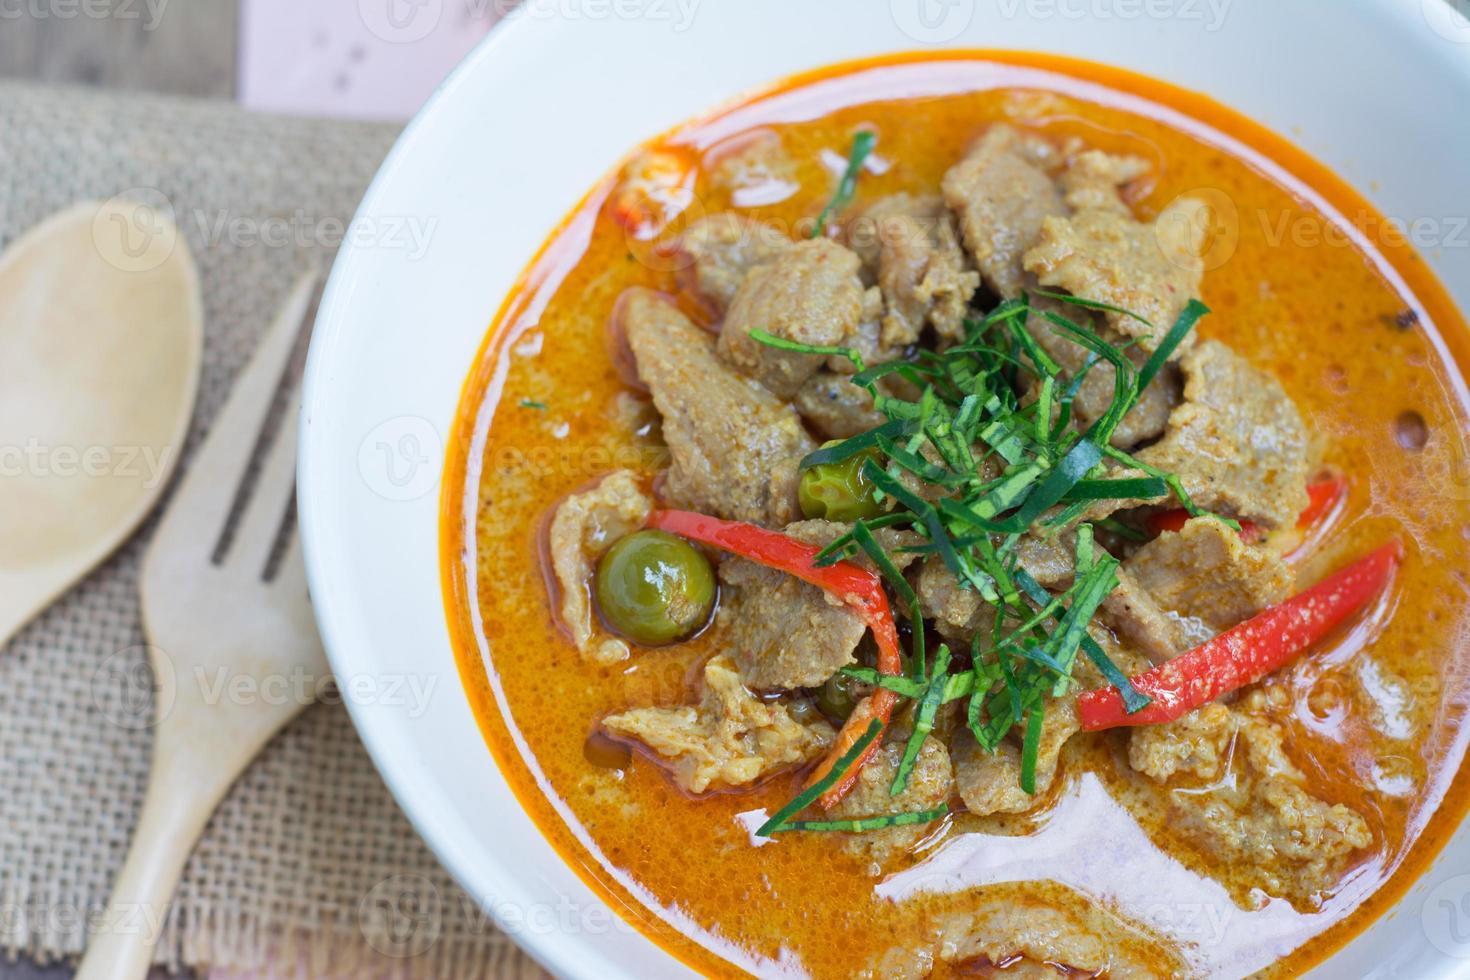 salta curry med fläsk (thailändsk mat namn panang) foto